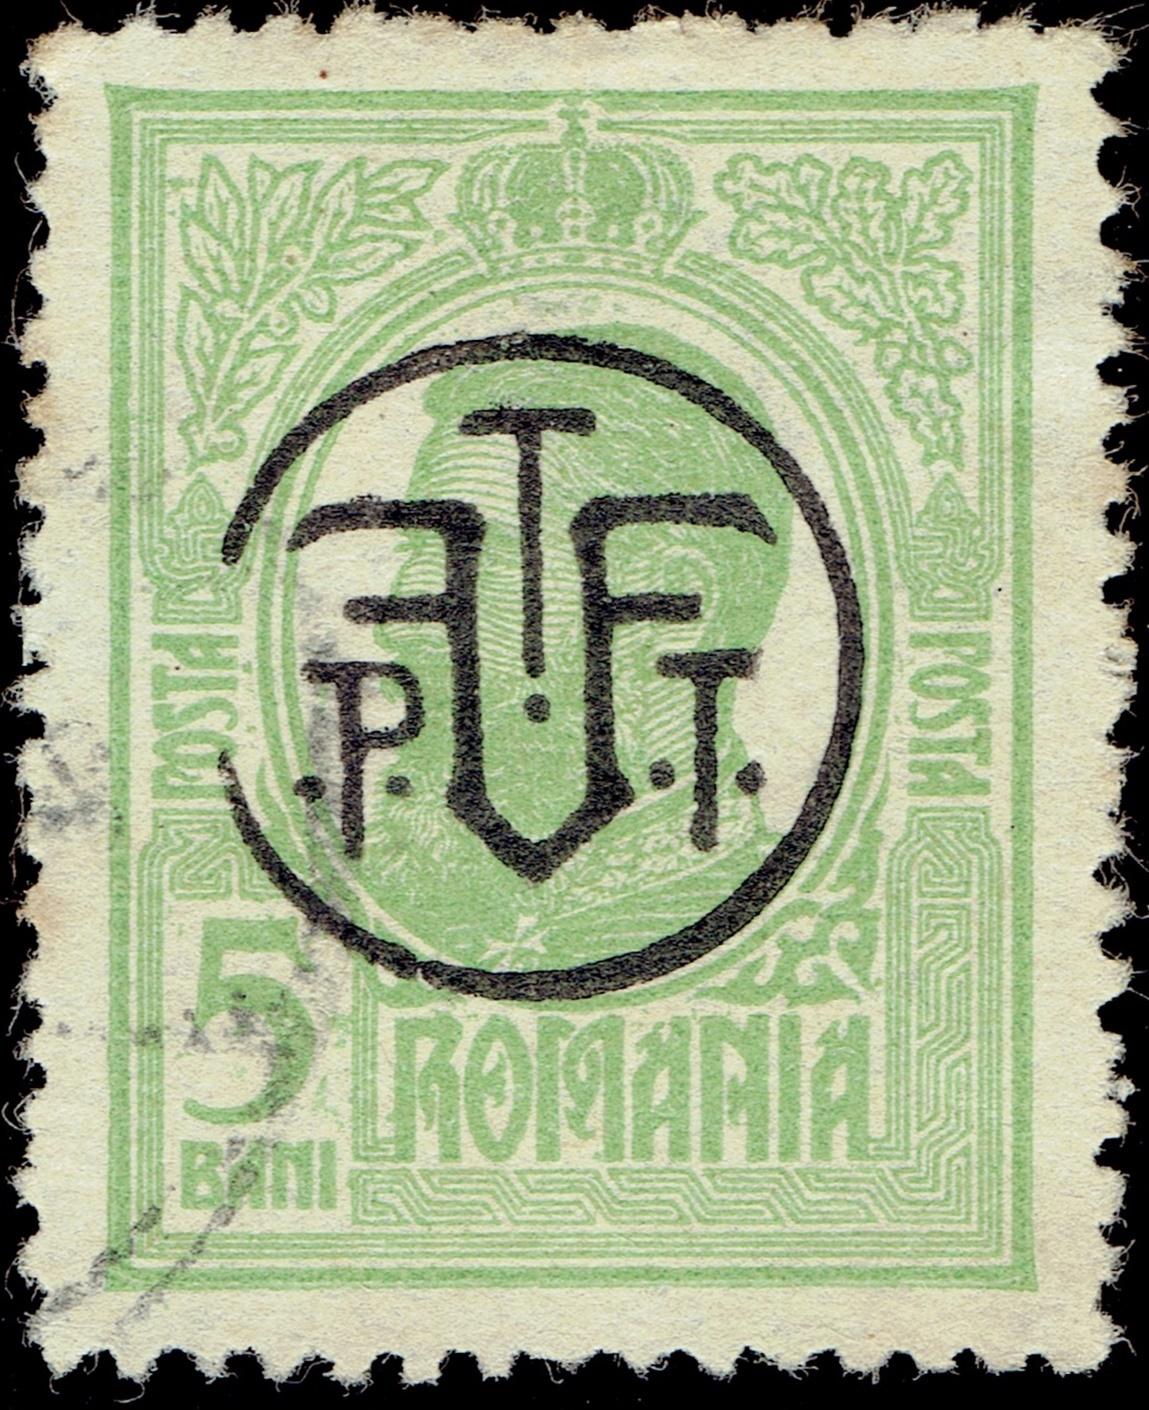 Romania - Scott #246 (1918)